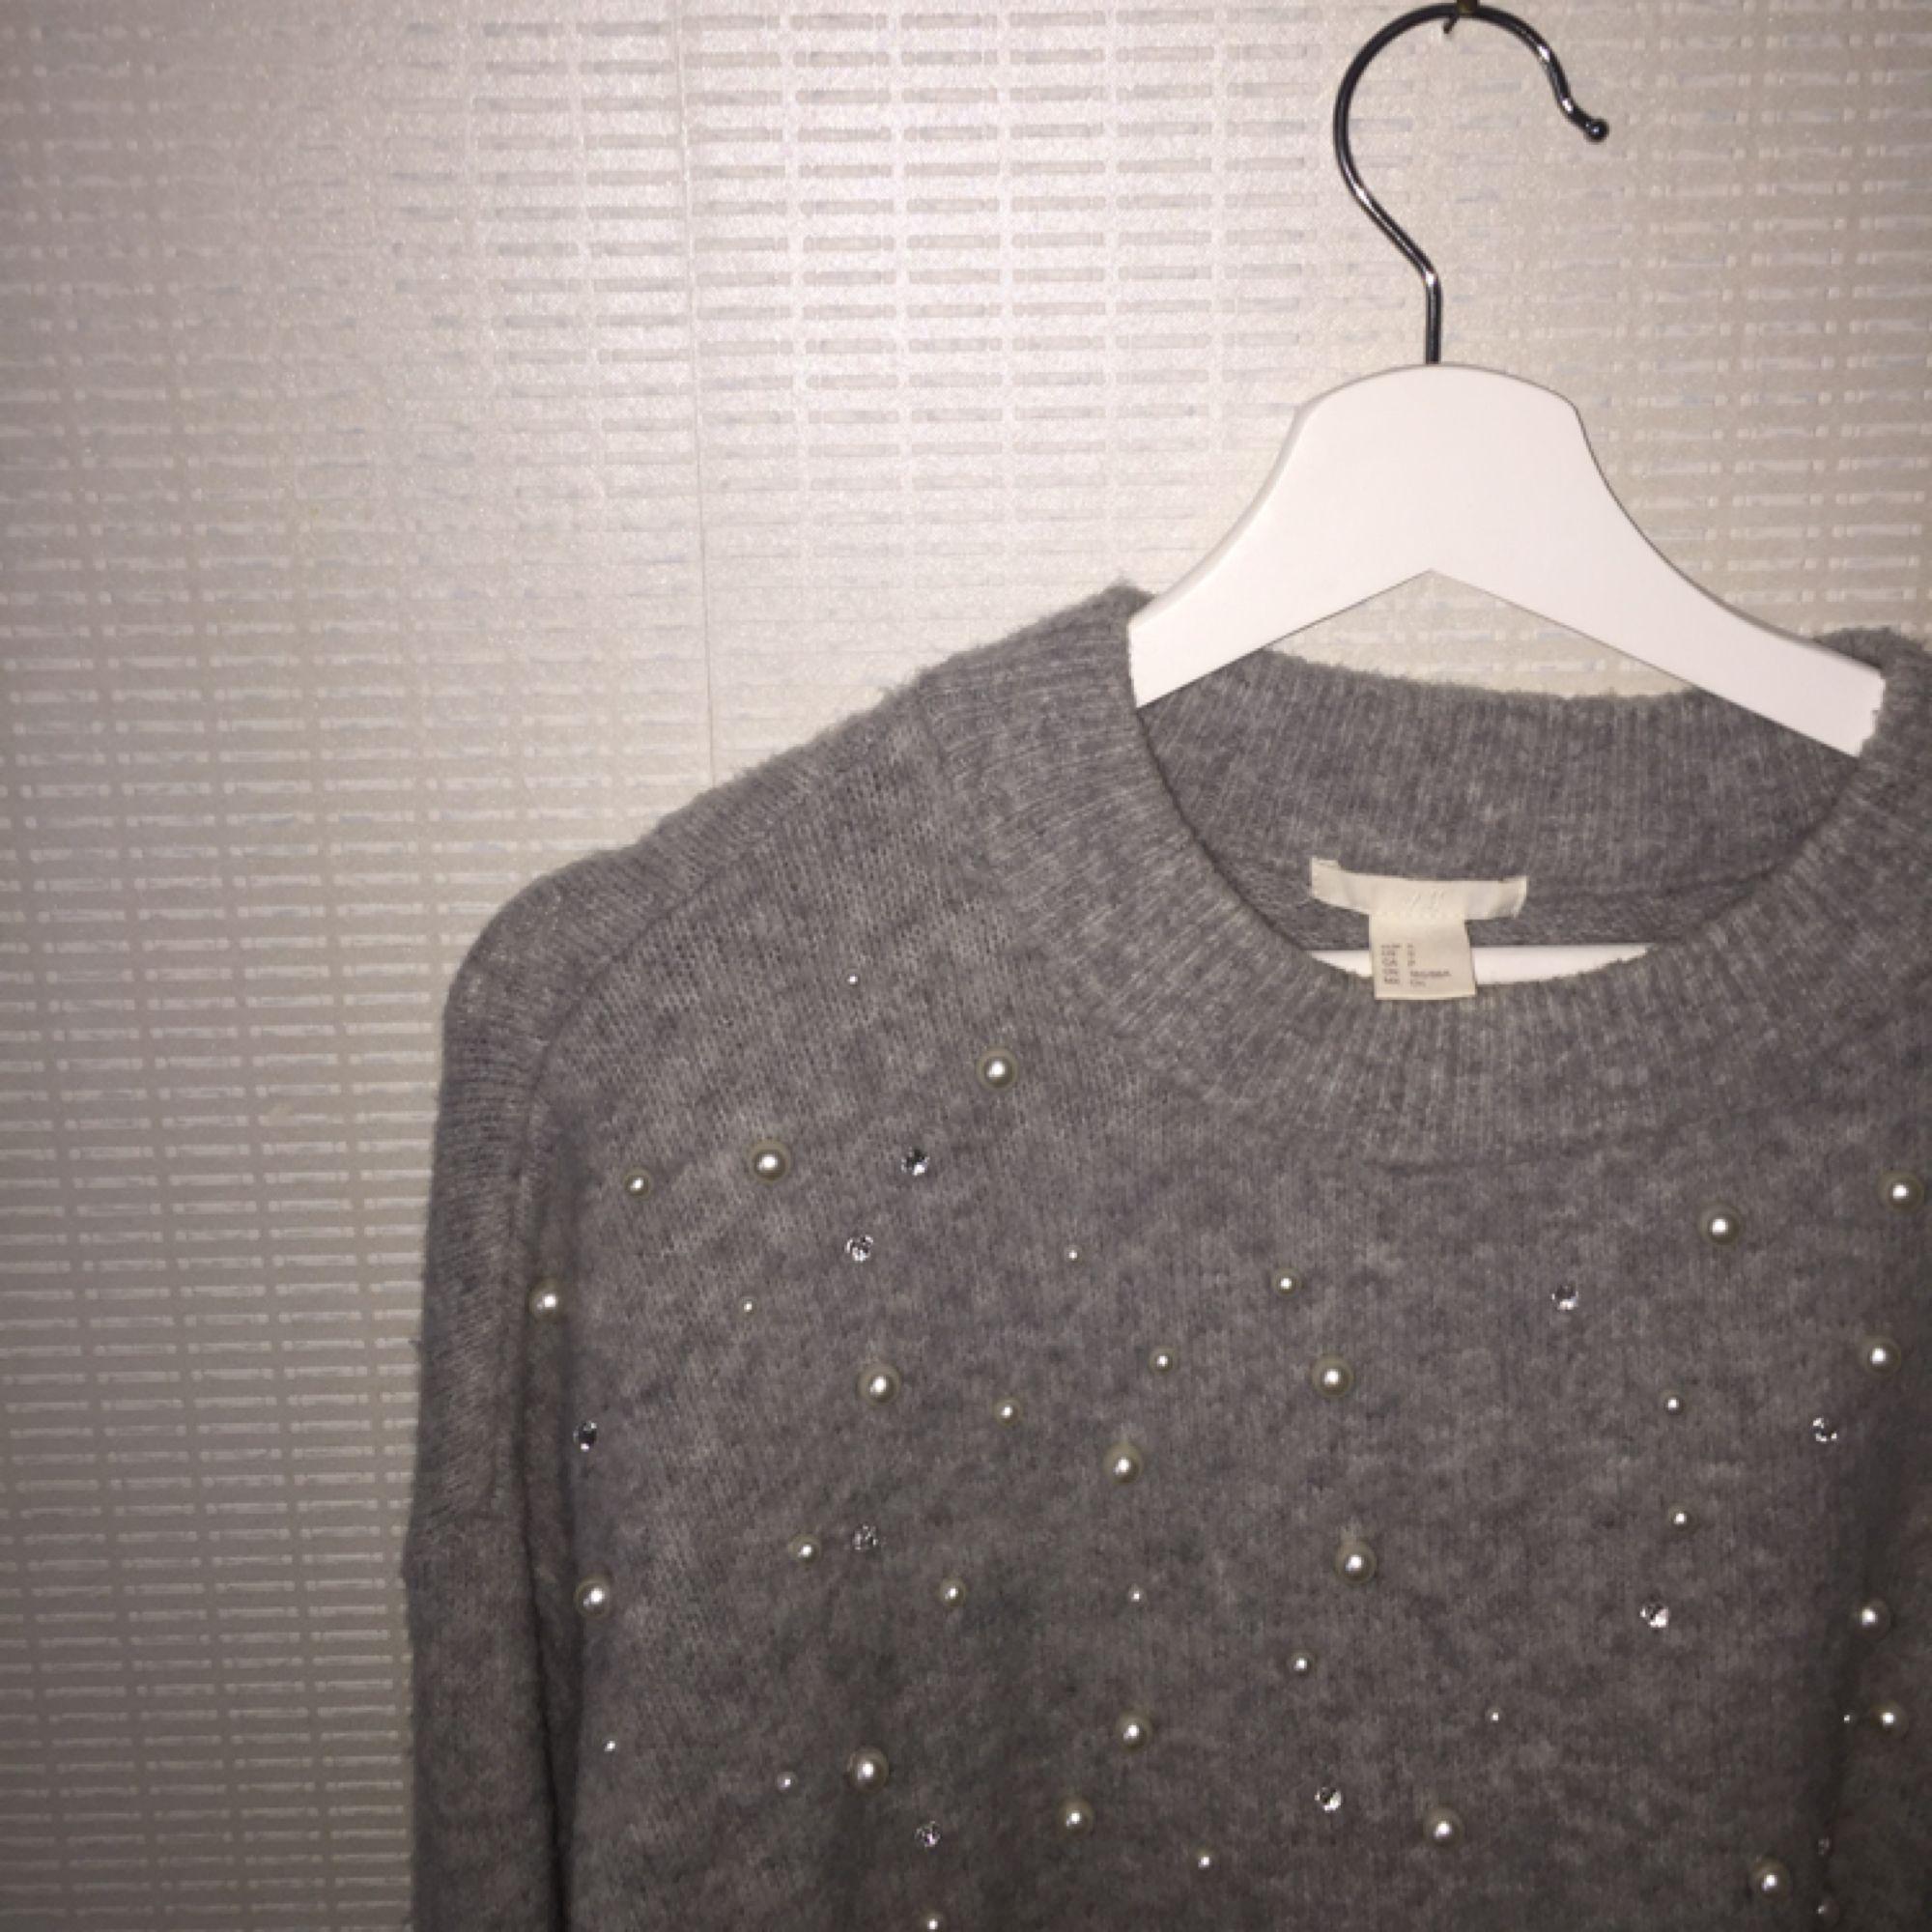 3bb6a77c04d Jätte snygg Jätte fin grå stickad tröja från hm (cuality collection) med  pärlor!